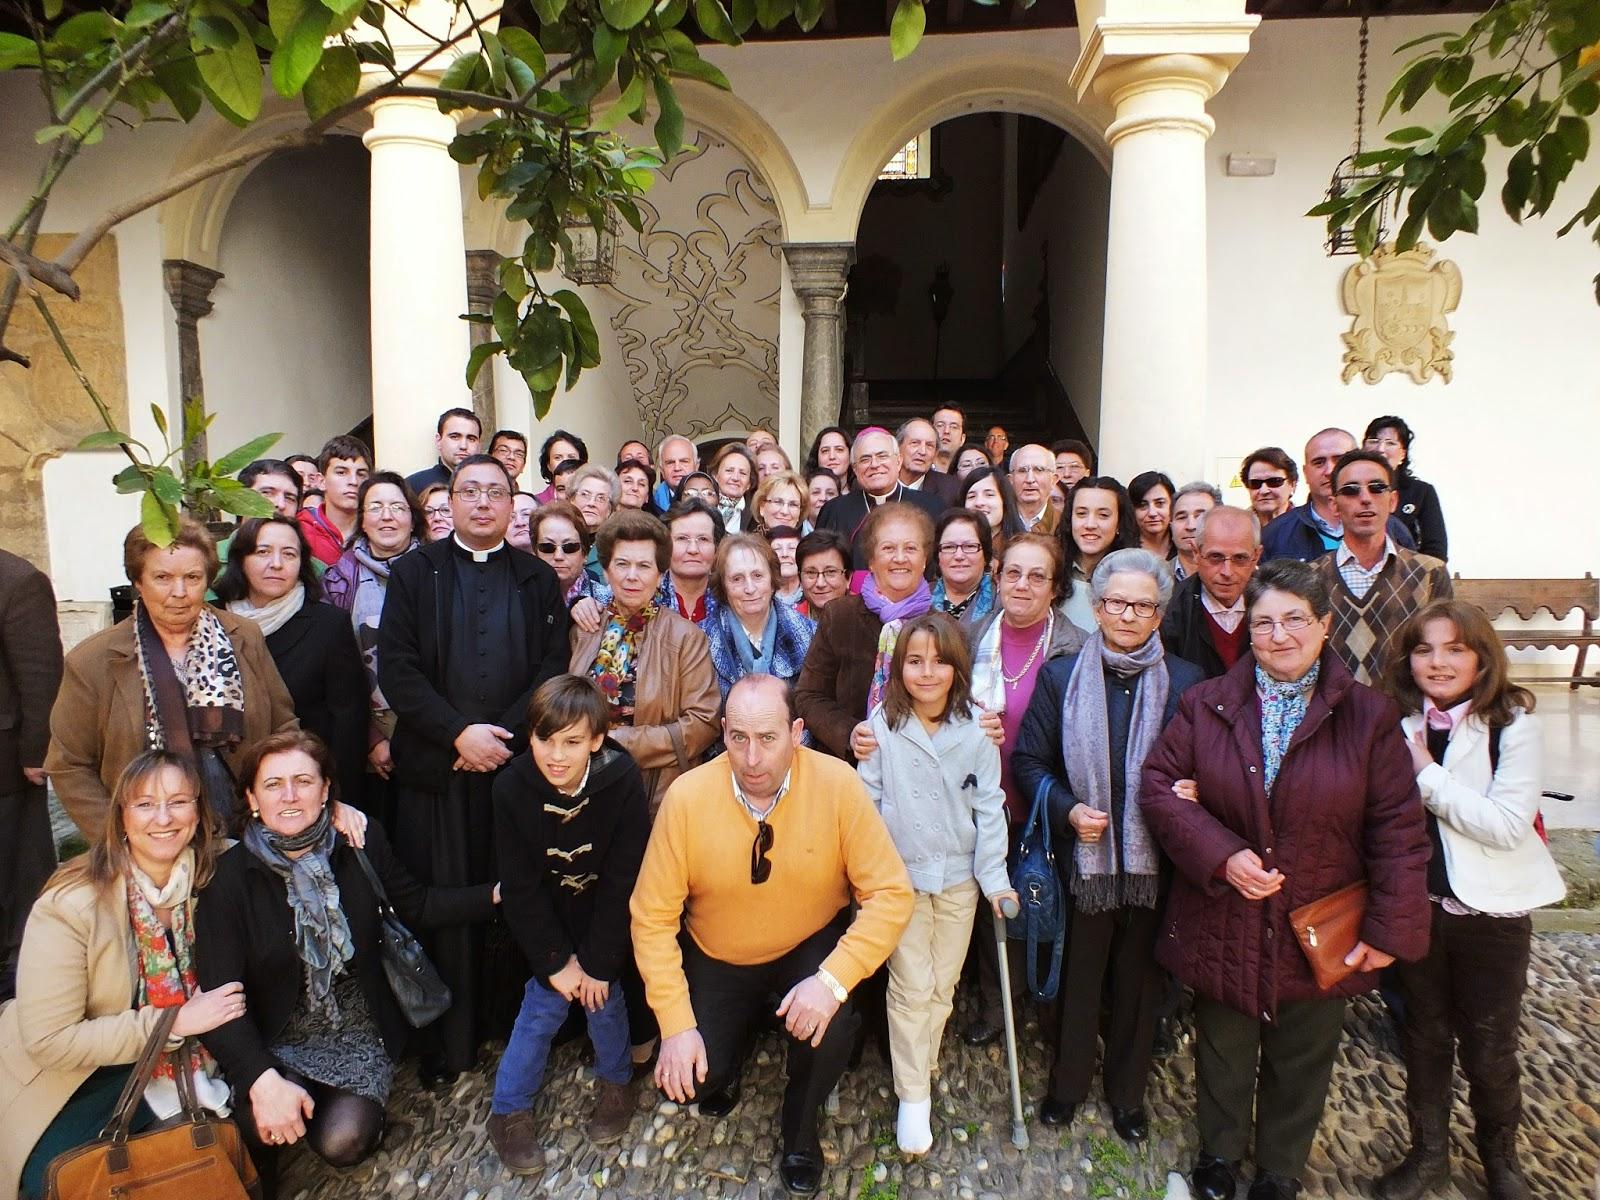 Parroquia san mateo villanueva del duque visita a don for Villanueva del duque